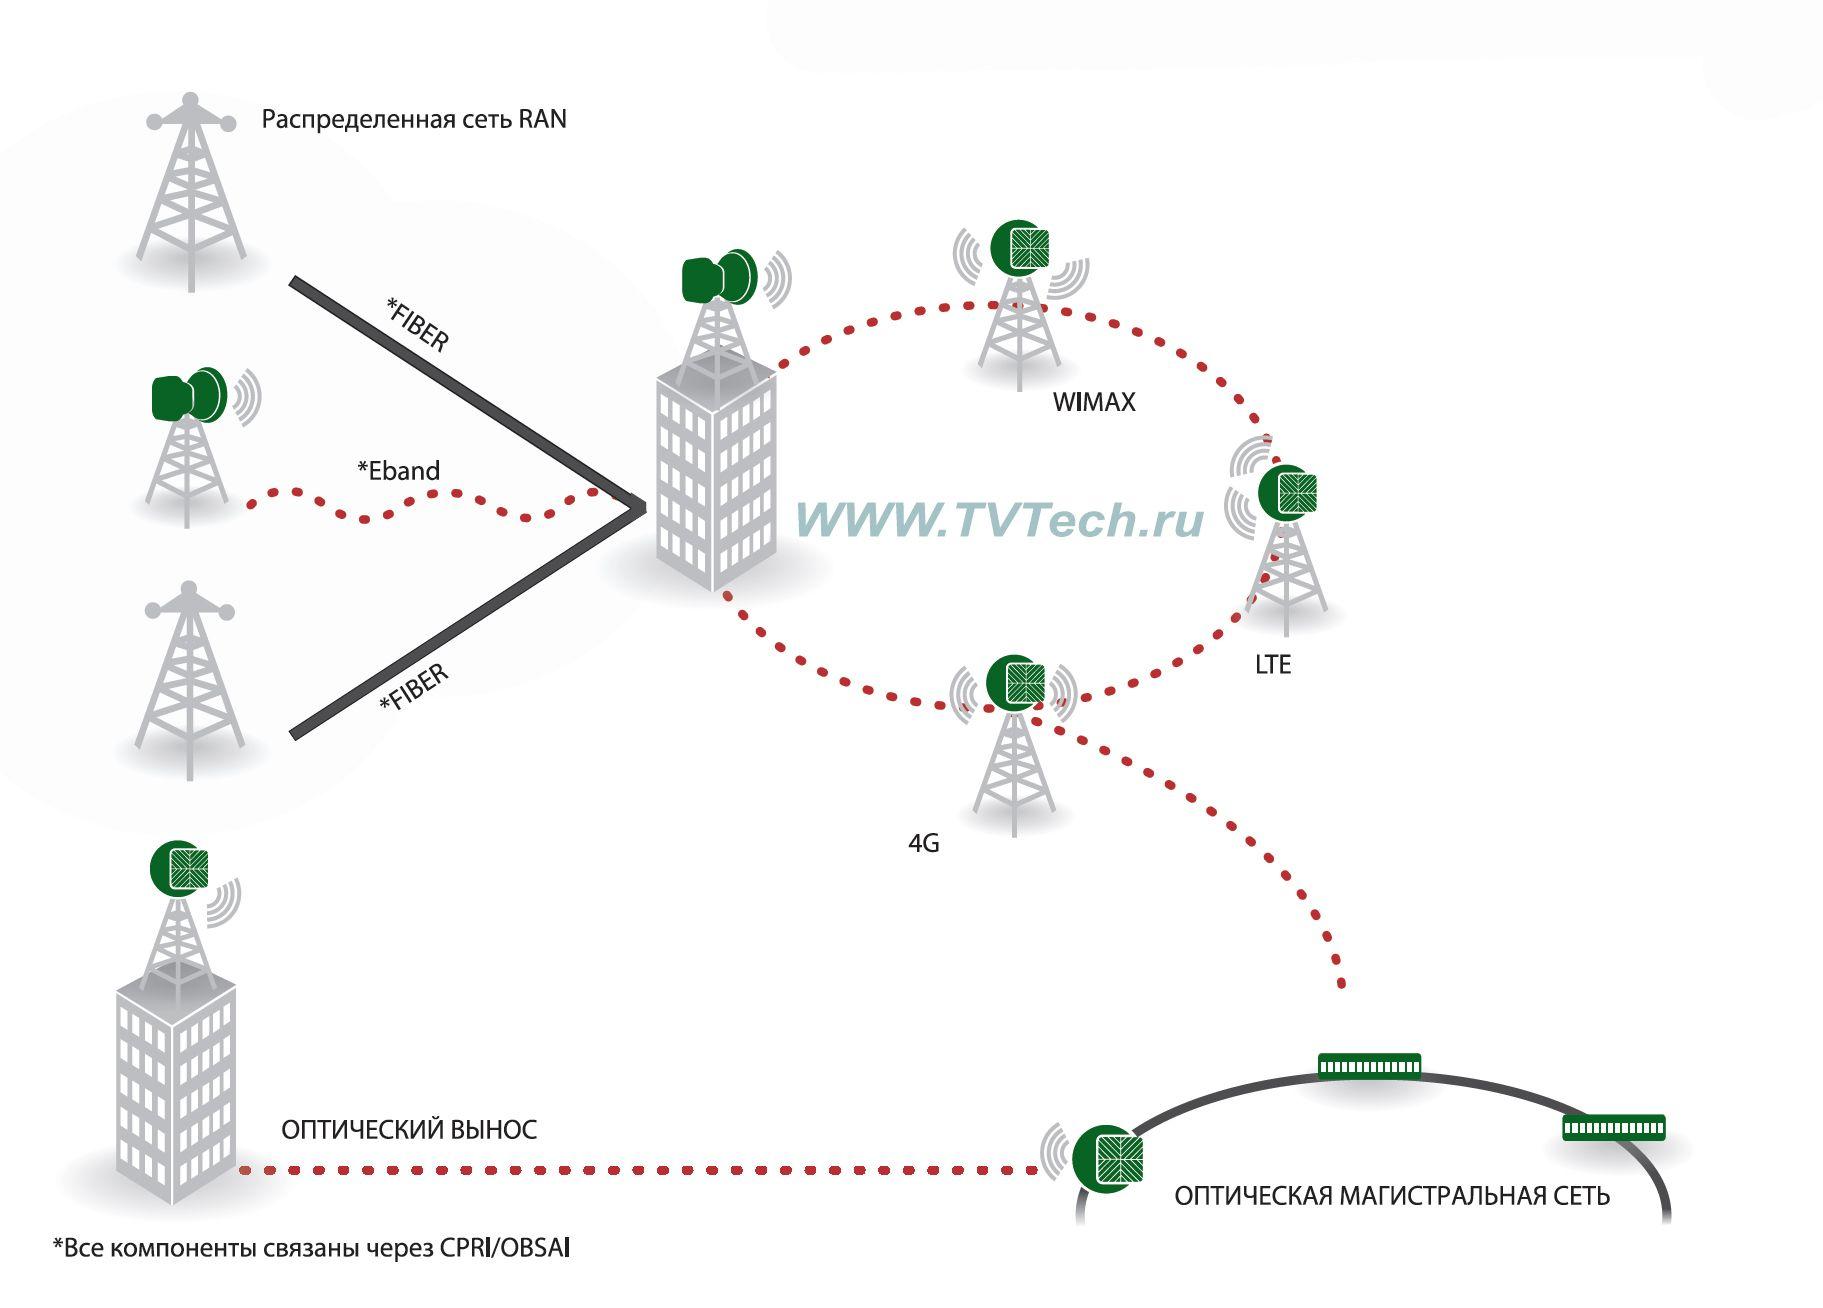 Схема применения РРЛ 2,6-4 Гбит/с Harmony Eband от DragonWave